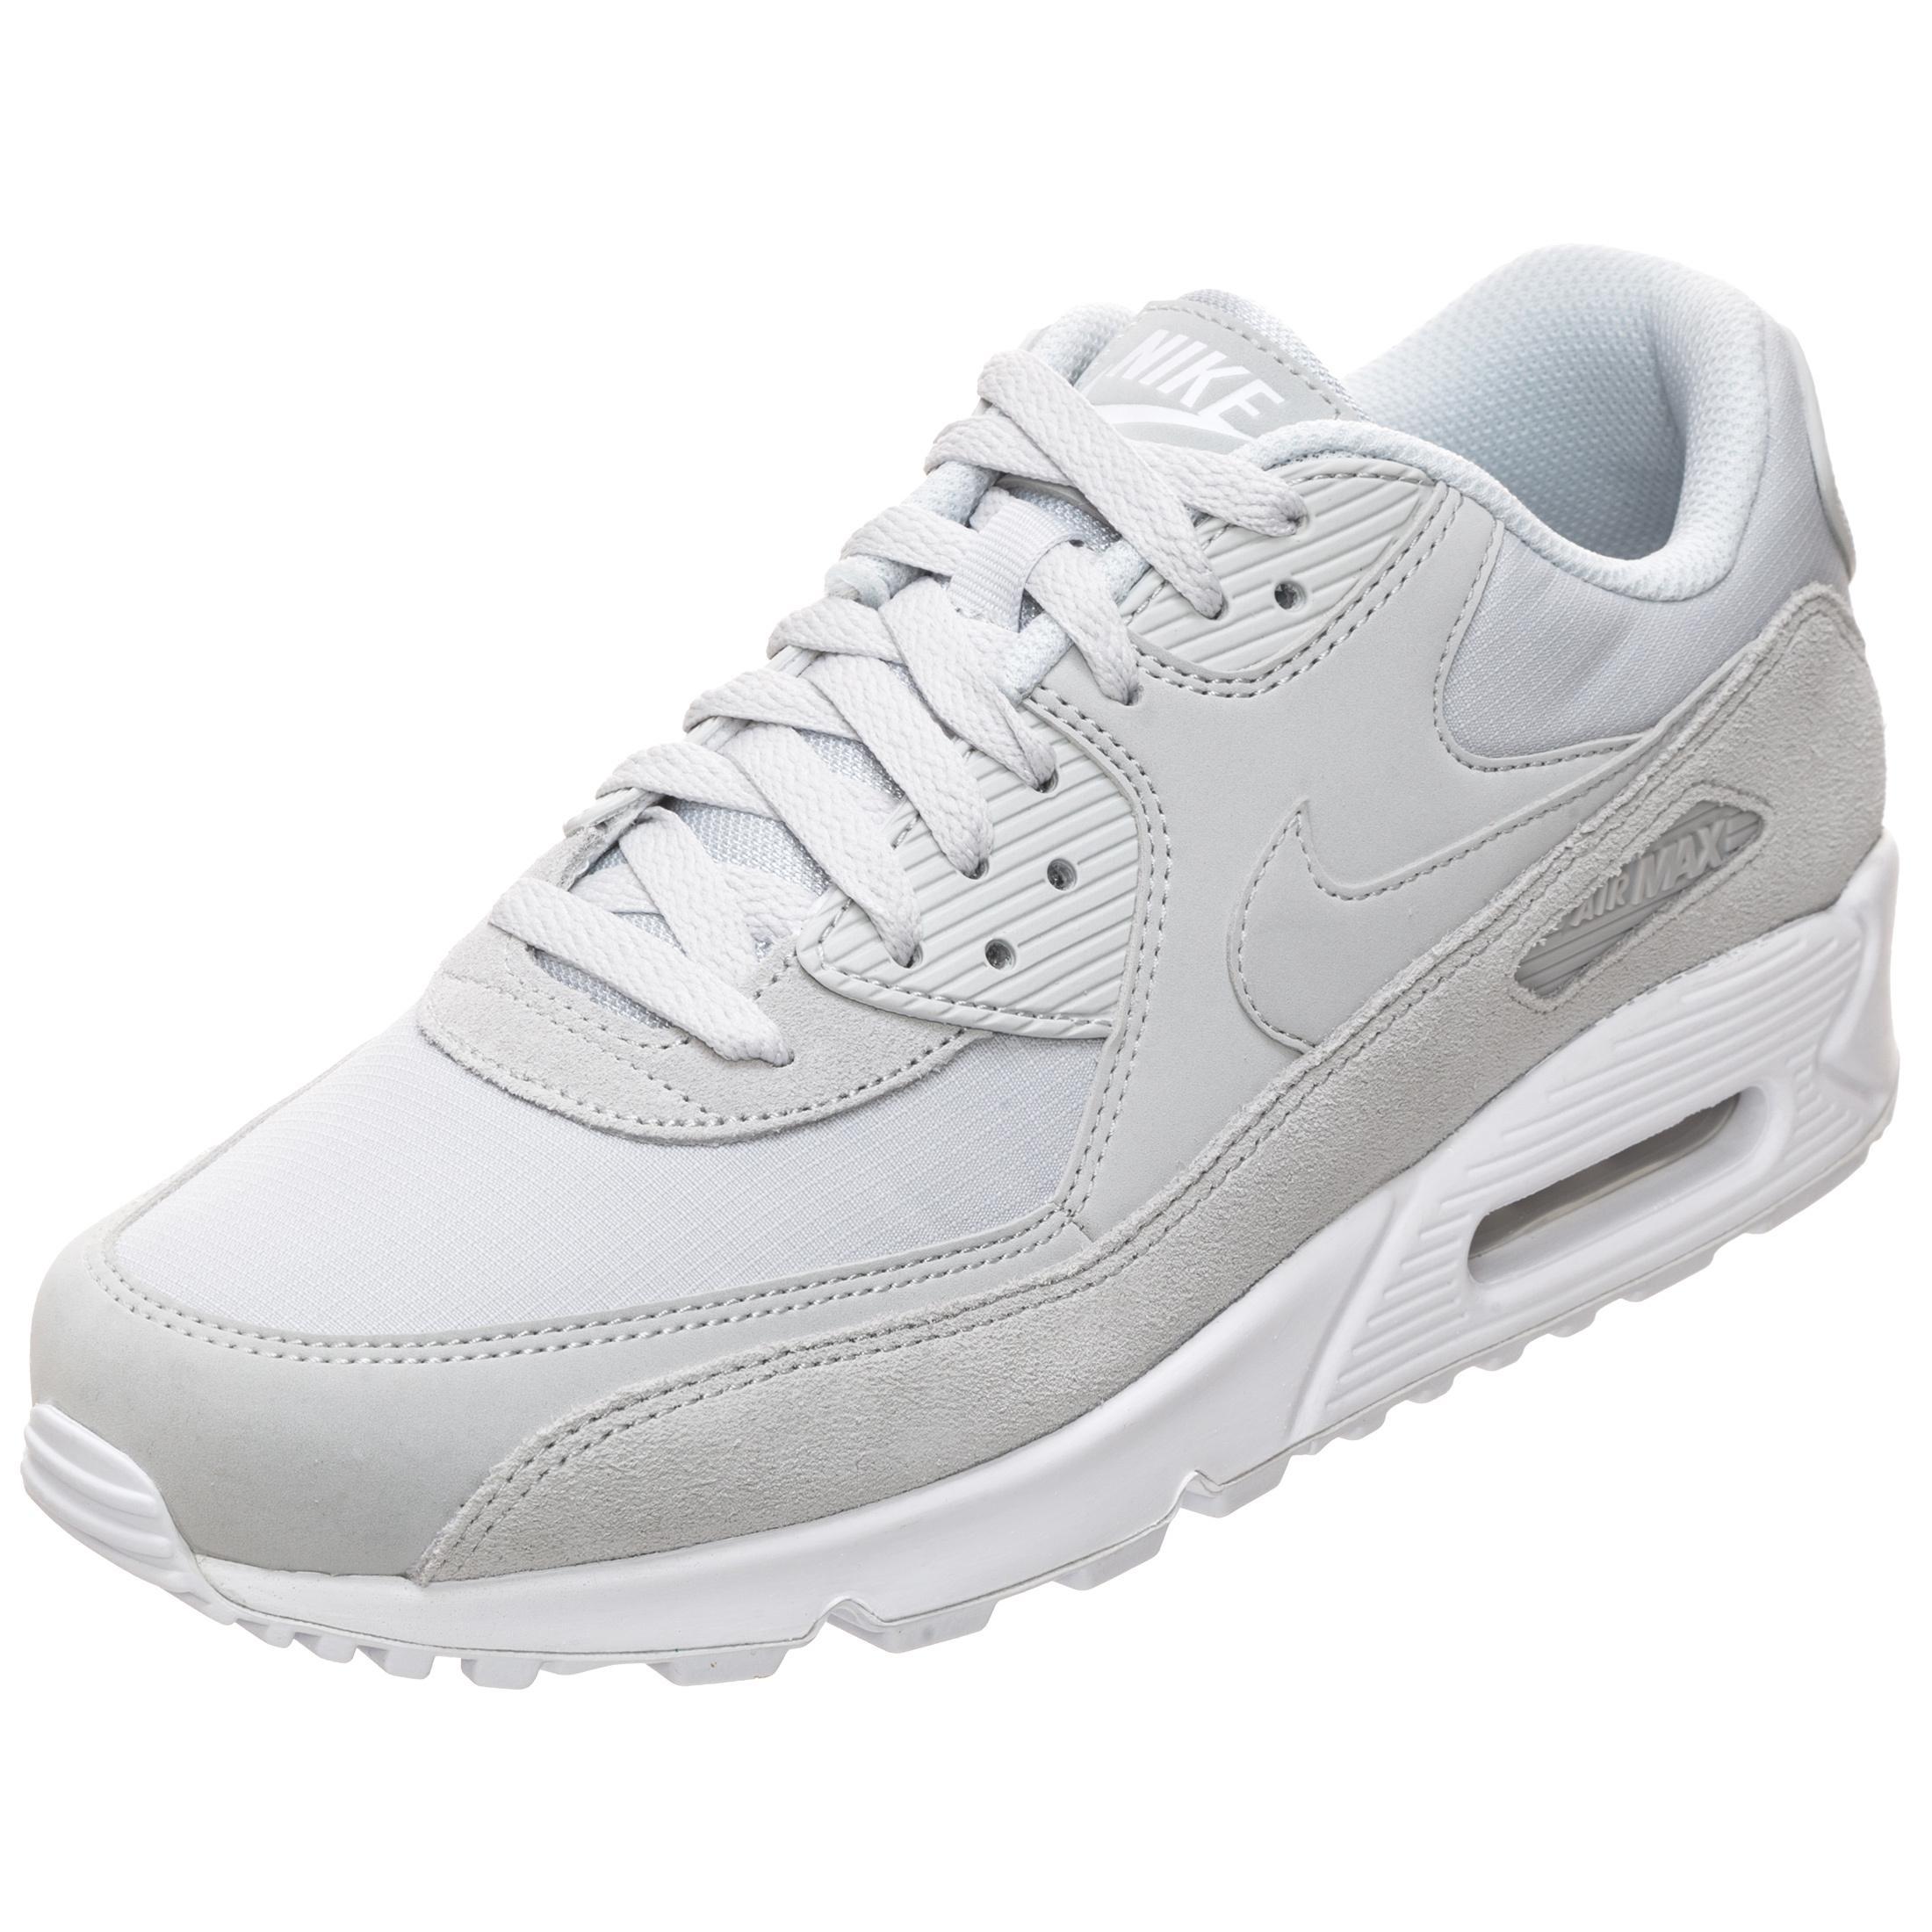 Nike Air Max 90 Essential Sneaker Herren hellgrau weiß im Online Shop von SportScheck kaufen